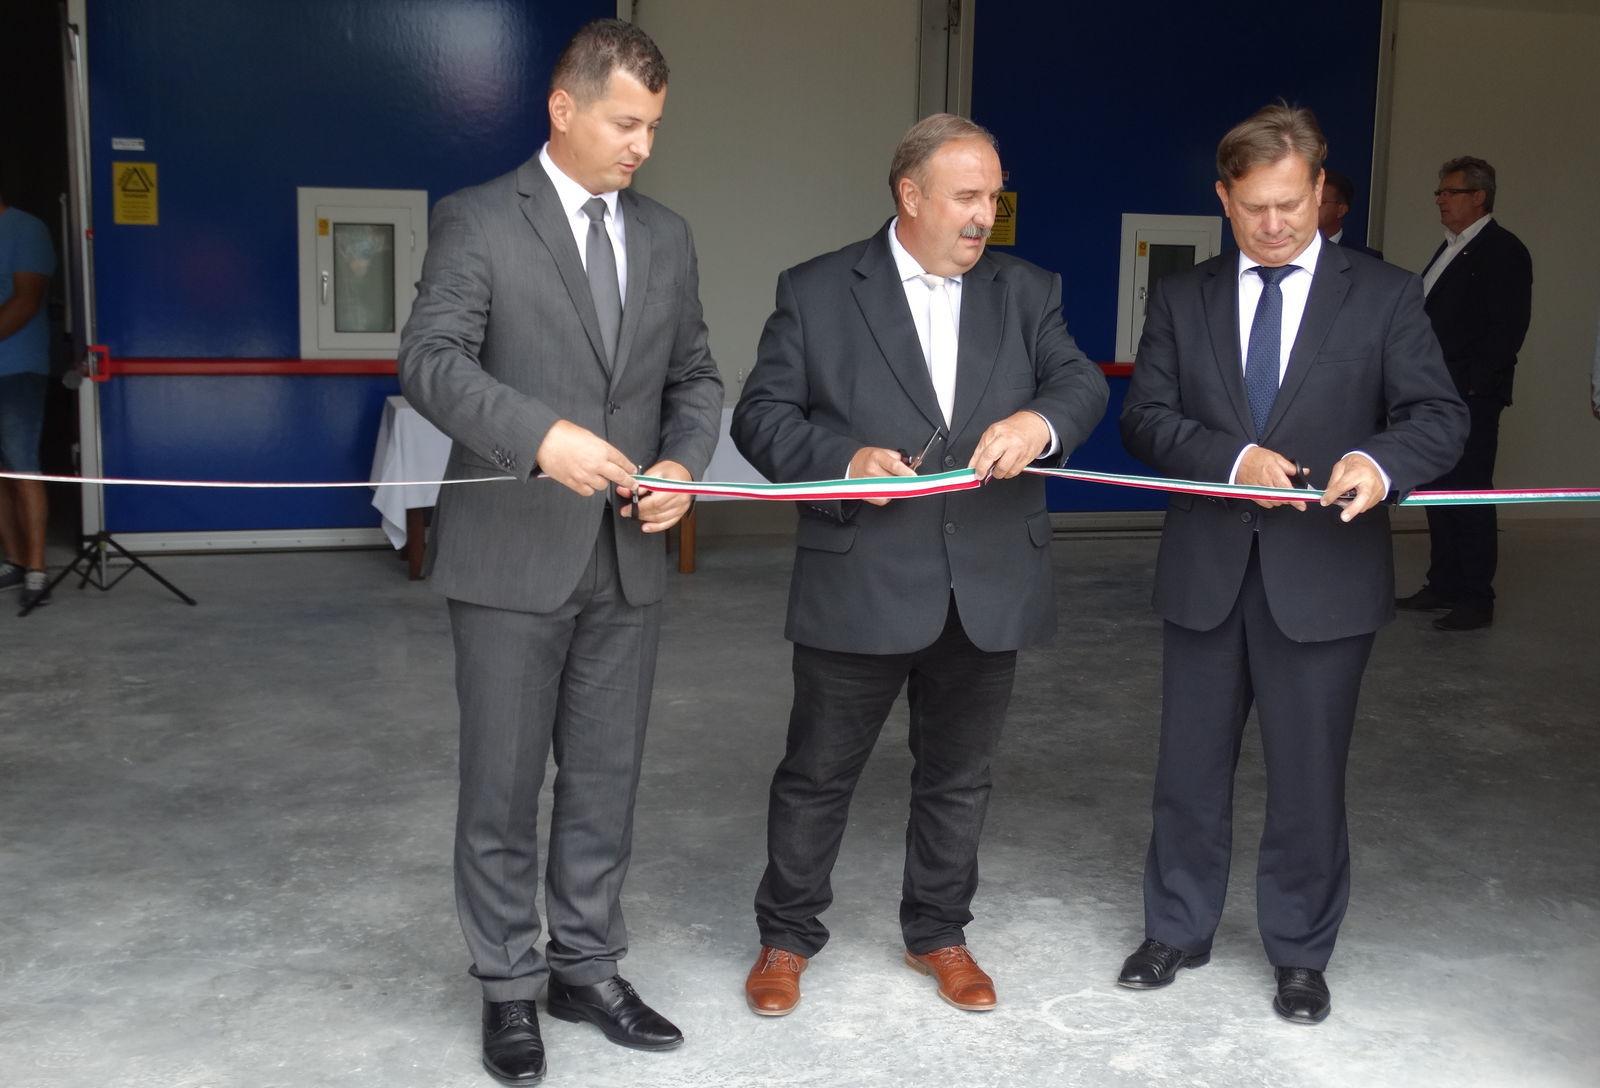 A szalagot Kis Miklós Zsolt államtitkár, Családi János tész-elnök és Széles Sándor Győr-Moson-Sopron megye kormánymegbízottja vágta át